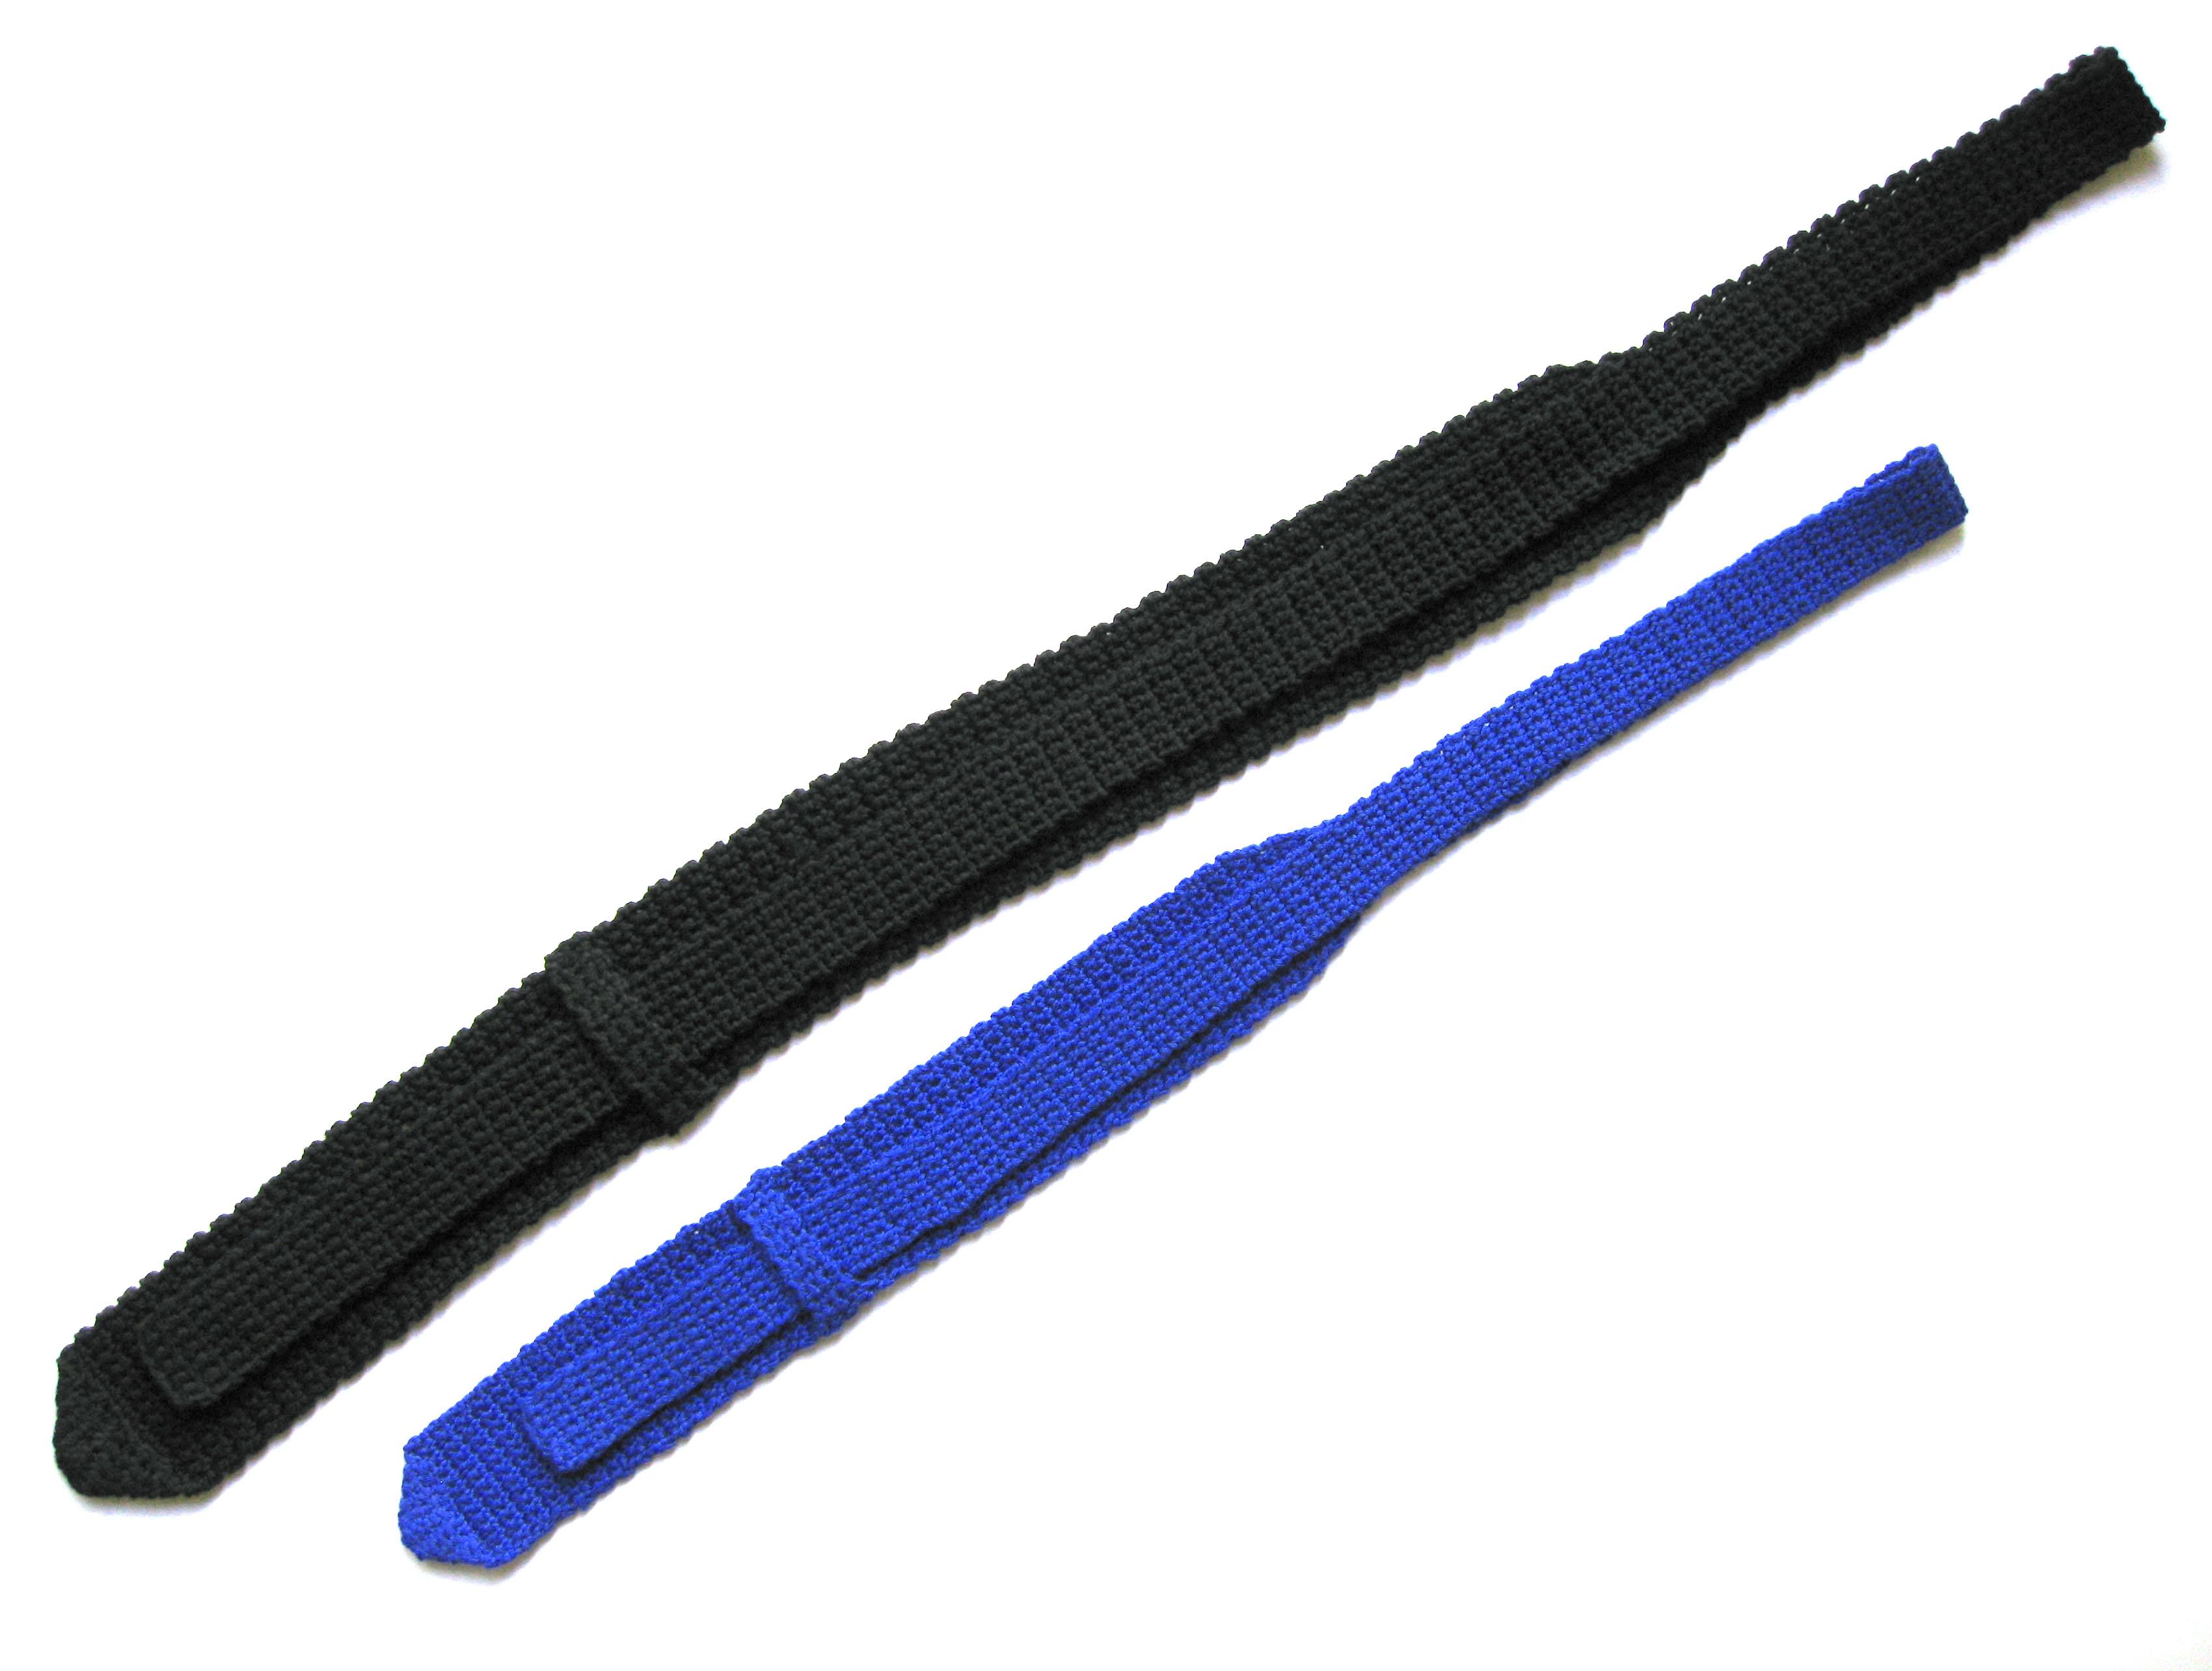 Parte inferior de la cuerda de corbata